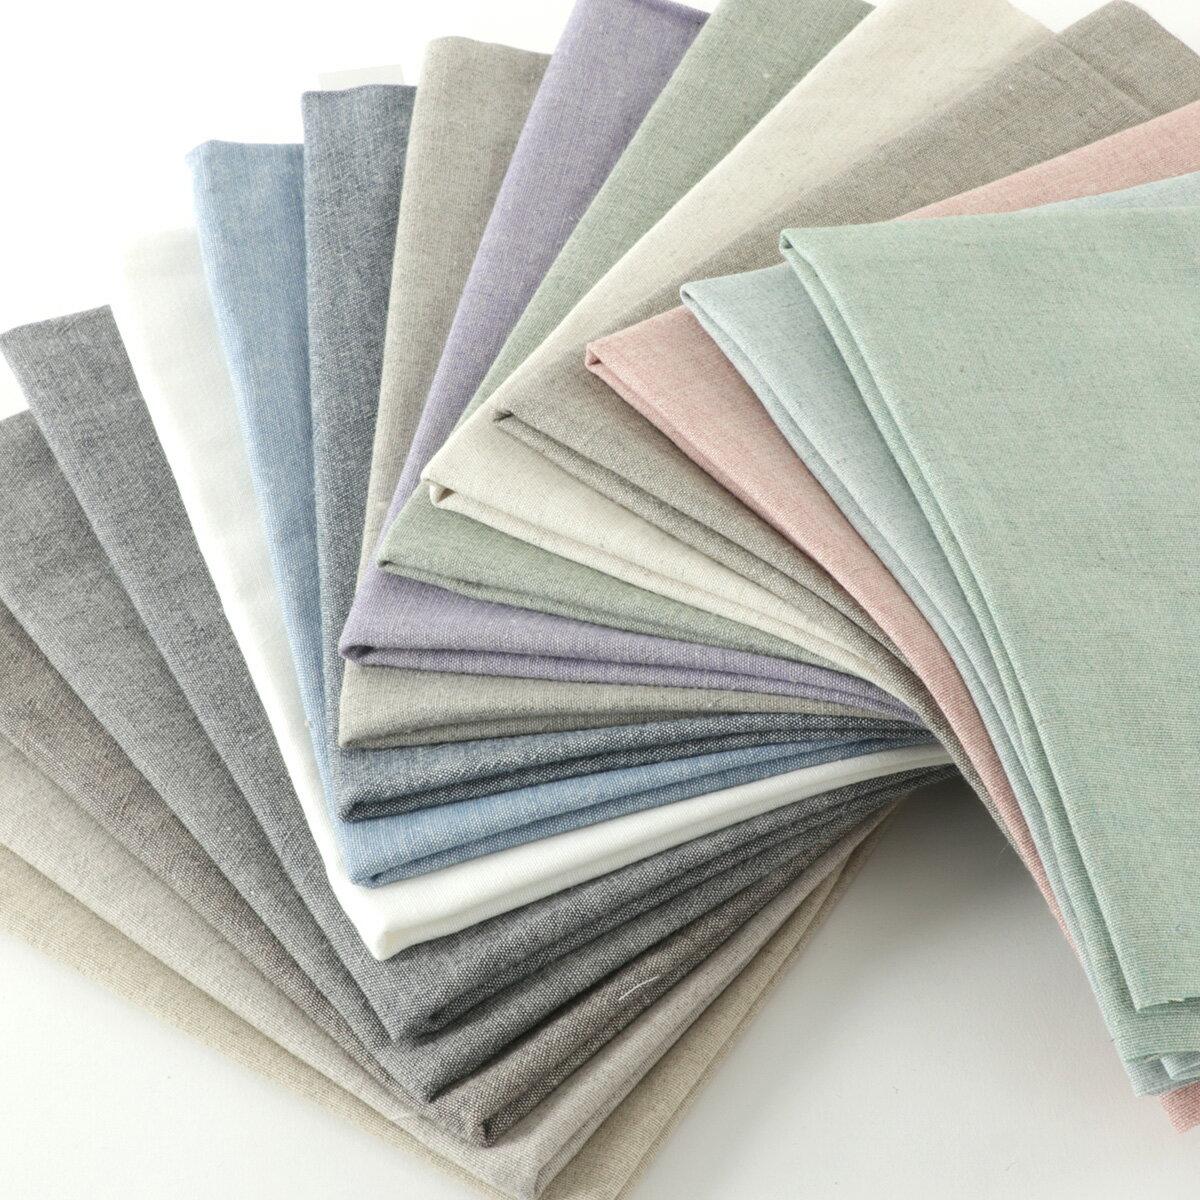 【生地 布幅110cm×1m】綿麻スペック 先染め生地 布 【無地】※数量1で1mです。2m以上ご購入の場合は切らずに発送いたします。(メール便不可) 木綿のかおり